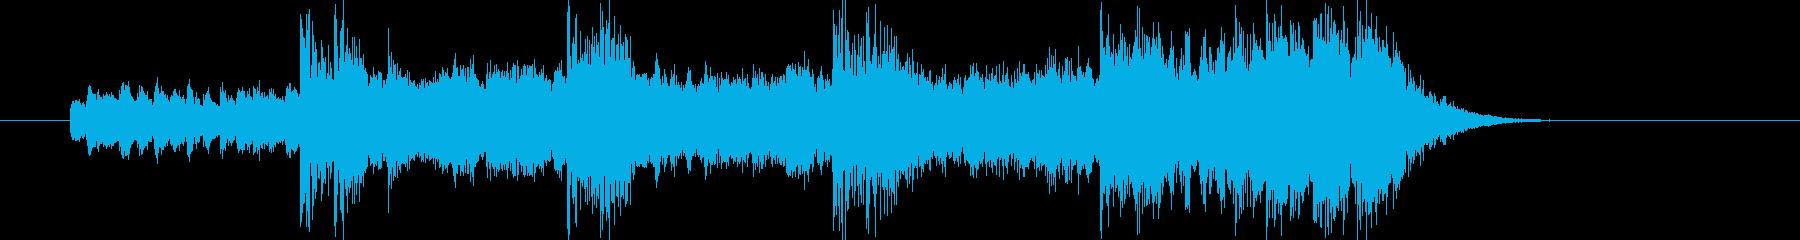 神秘的で壮大なエレキロックジングルの再生済みの波形